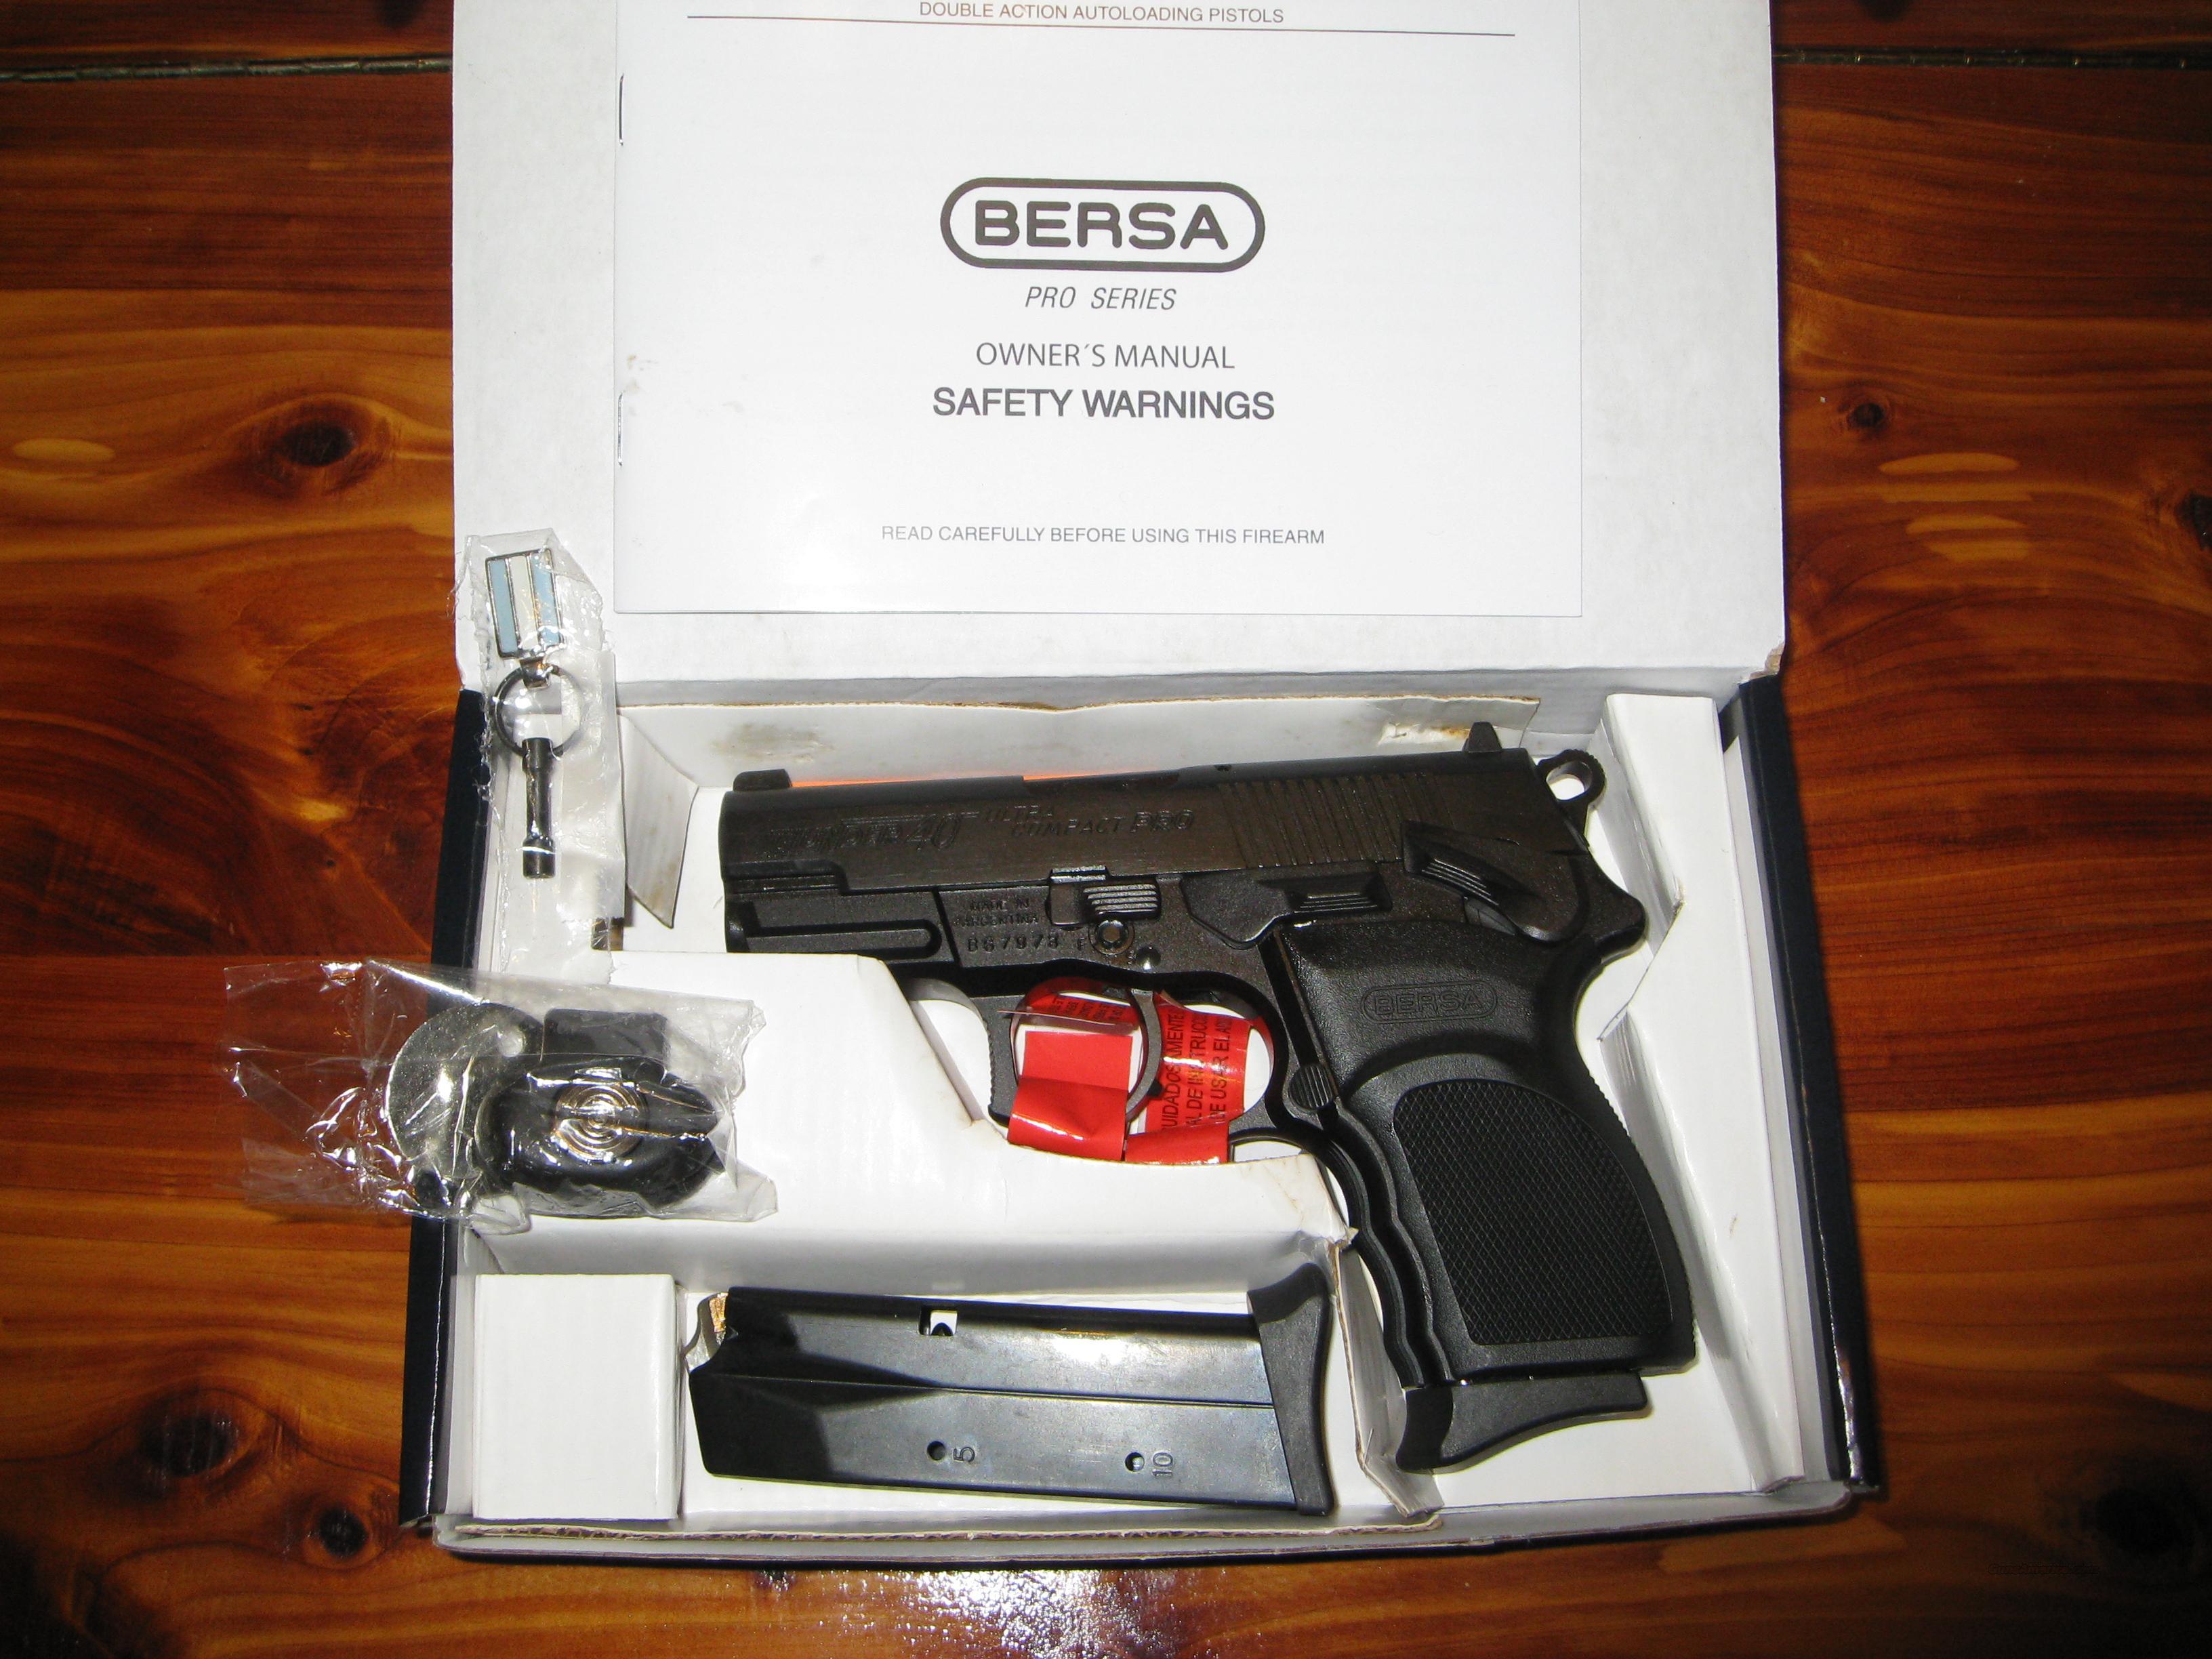 BERSA THUNDER PRO 40 ULTRA COMPACT .40 S&W  Guns > Pistols > Bersa Pistols